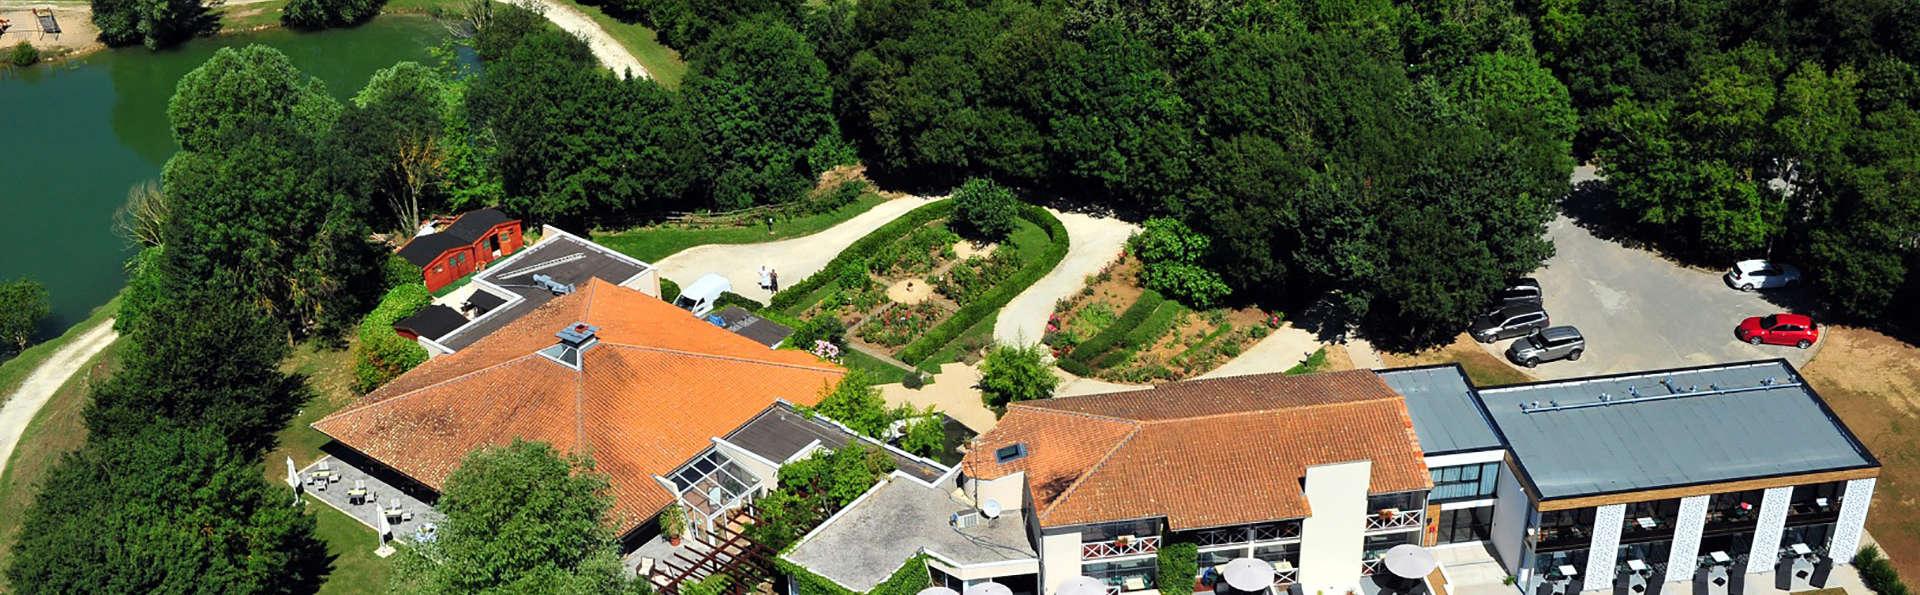 Hotel The Originals Les Jardins du Lac (ex Relais du Silence) - EDIT_aerea.jpg